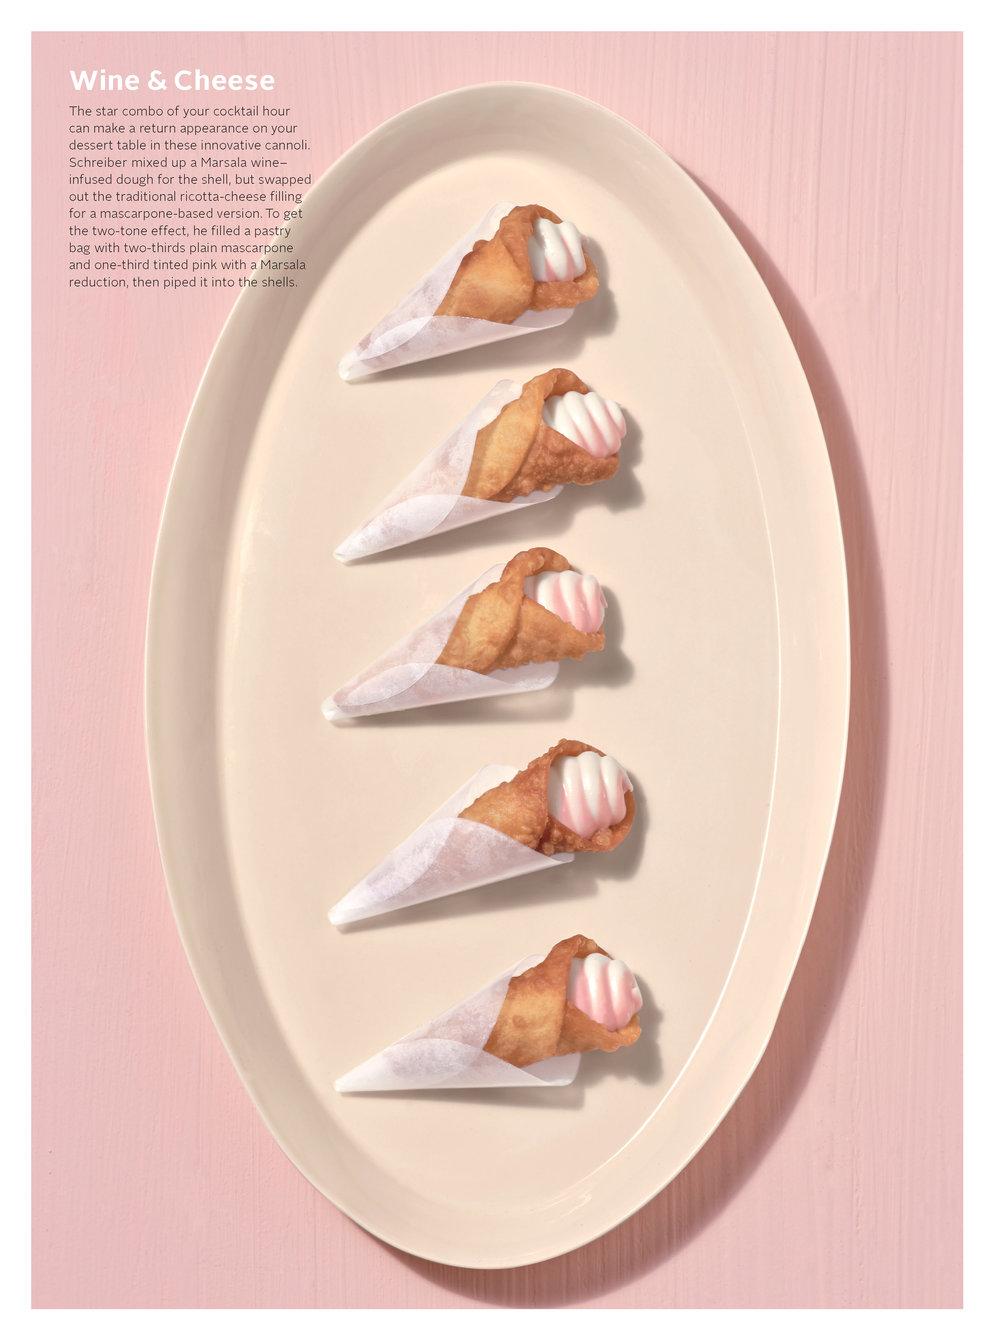 Desserts_W1114_Page_3.jpg